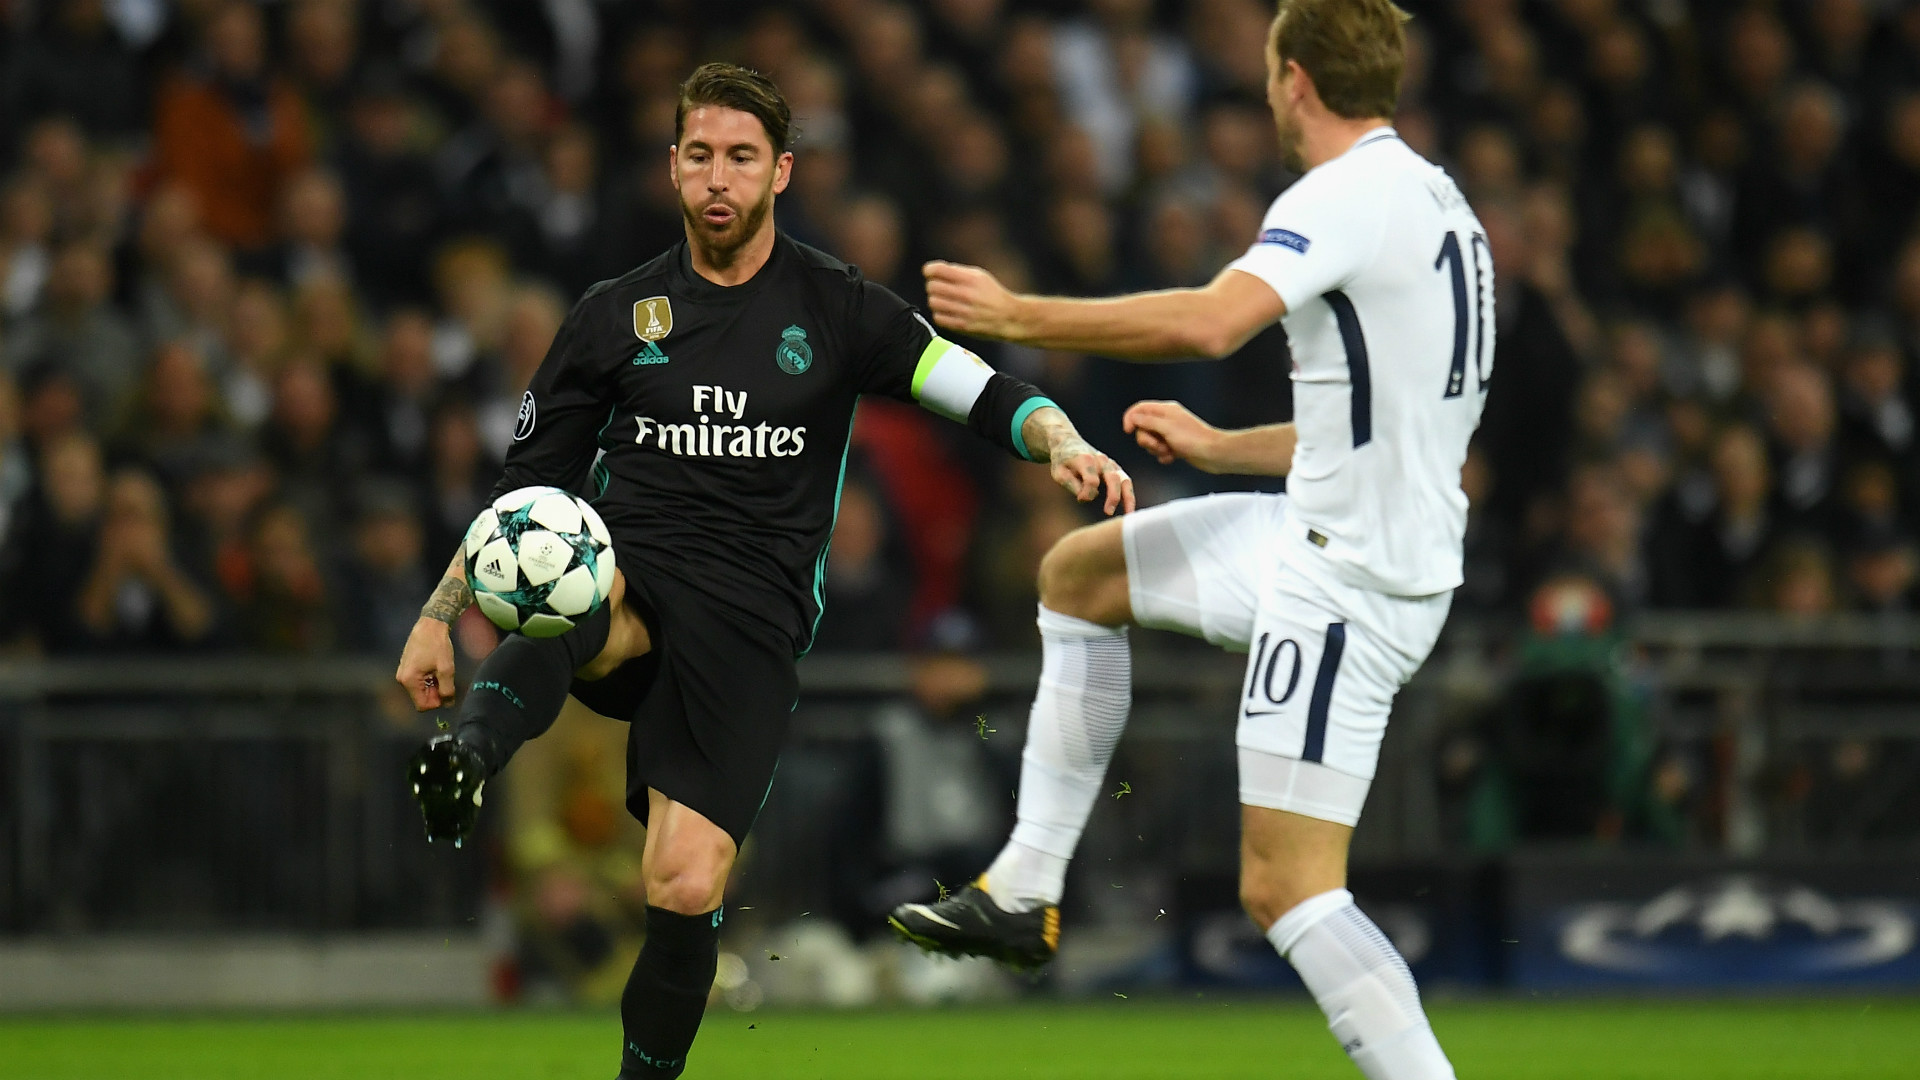 Os três motivos apontados em Espanha para Ronaldo querer deixar o Real